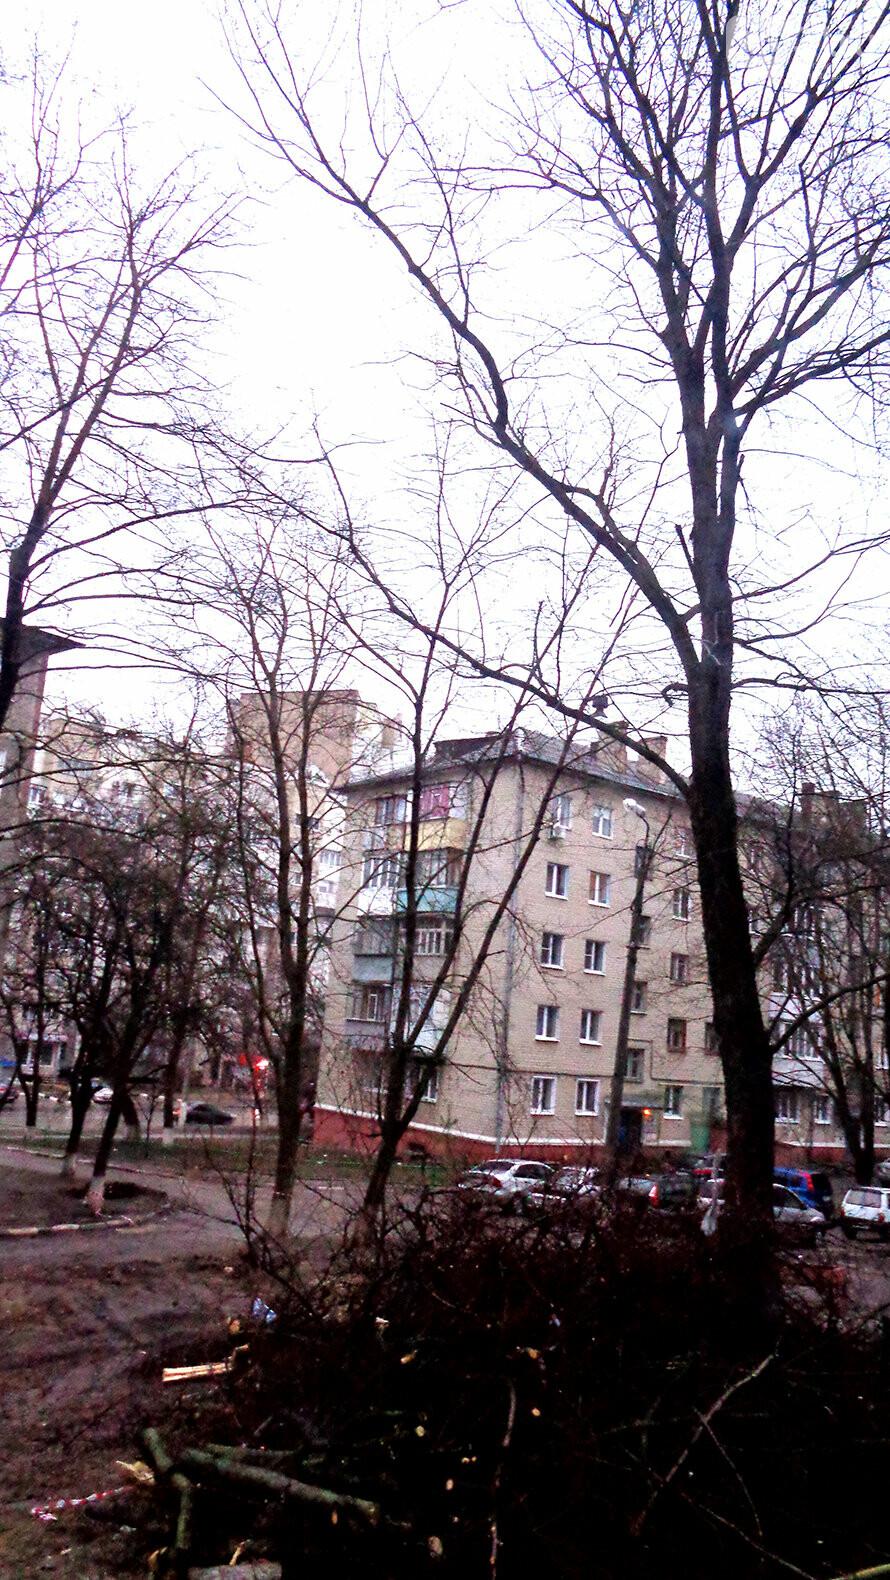 Жители Белгорода возмущены вырубкой деревьев во дворе многоэтажки, фото-1